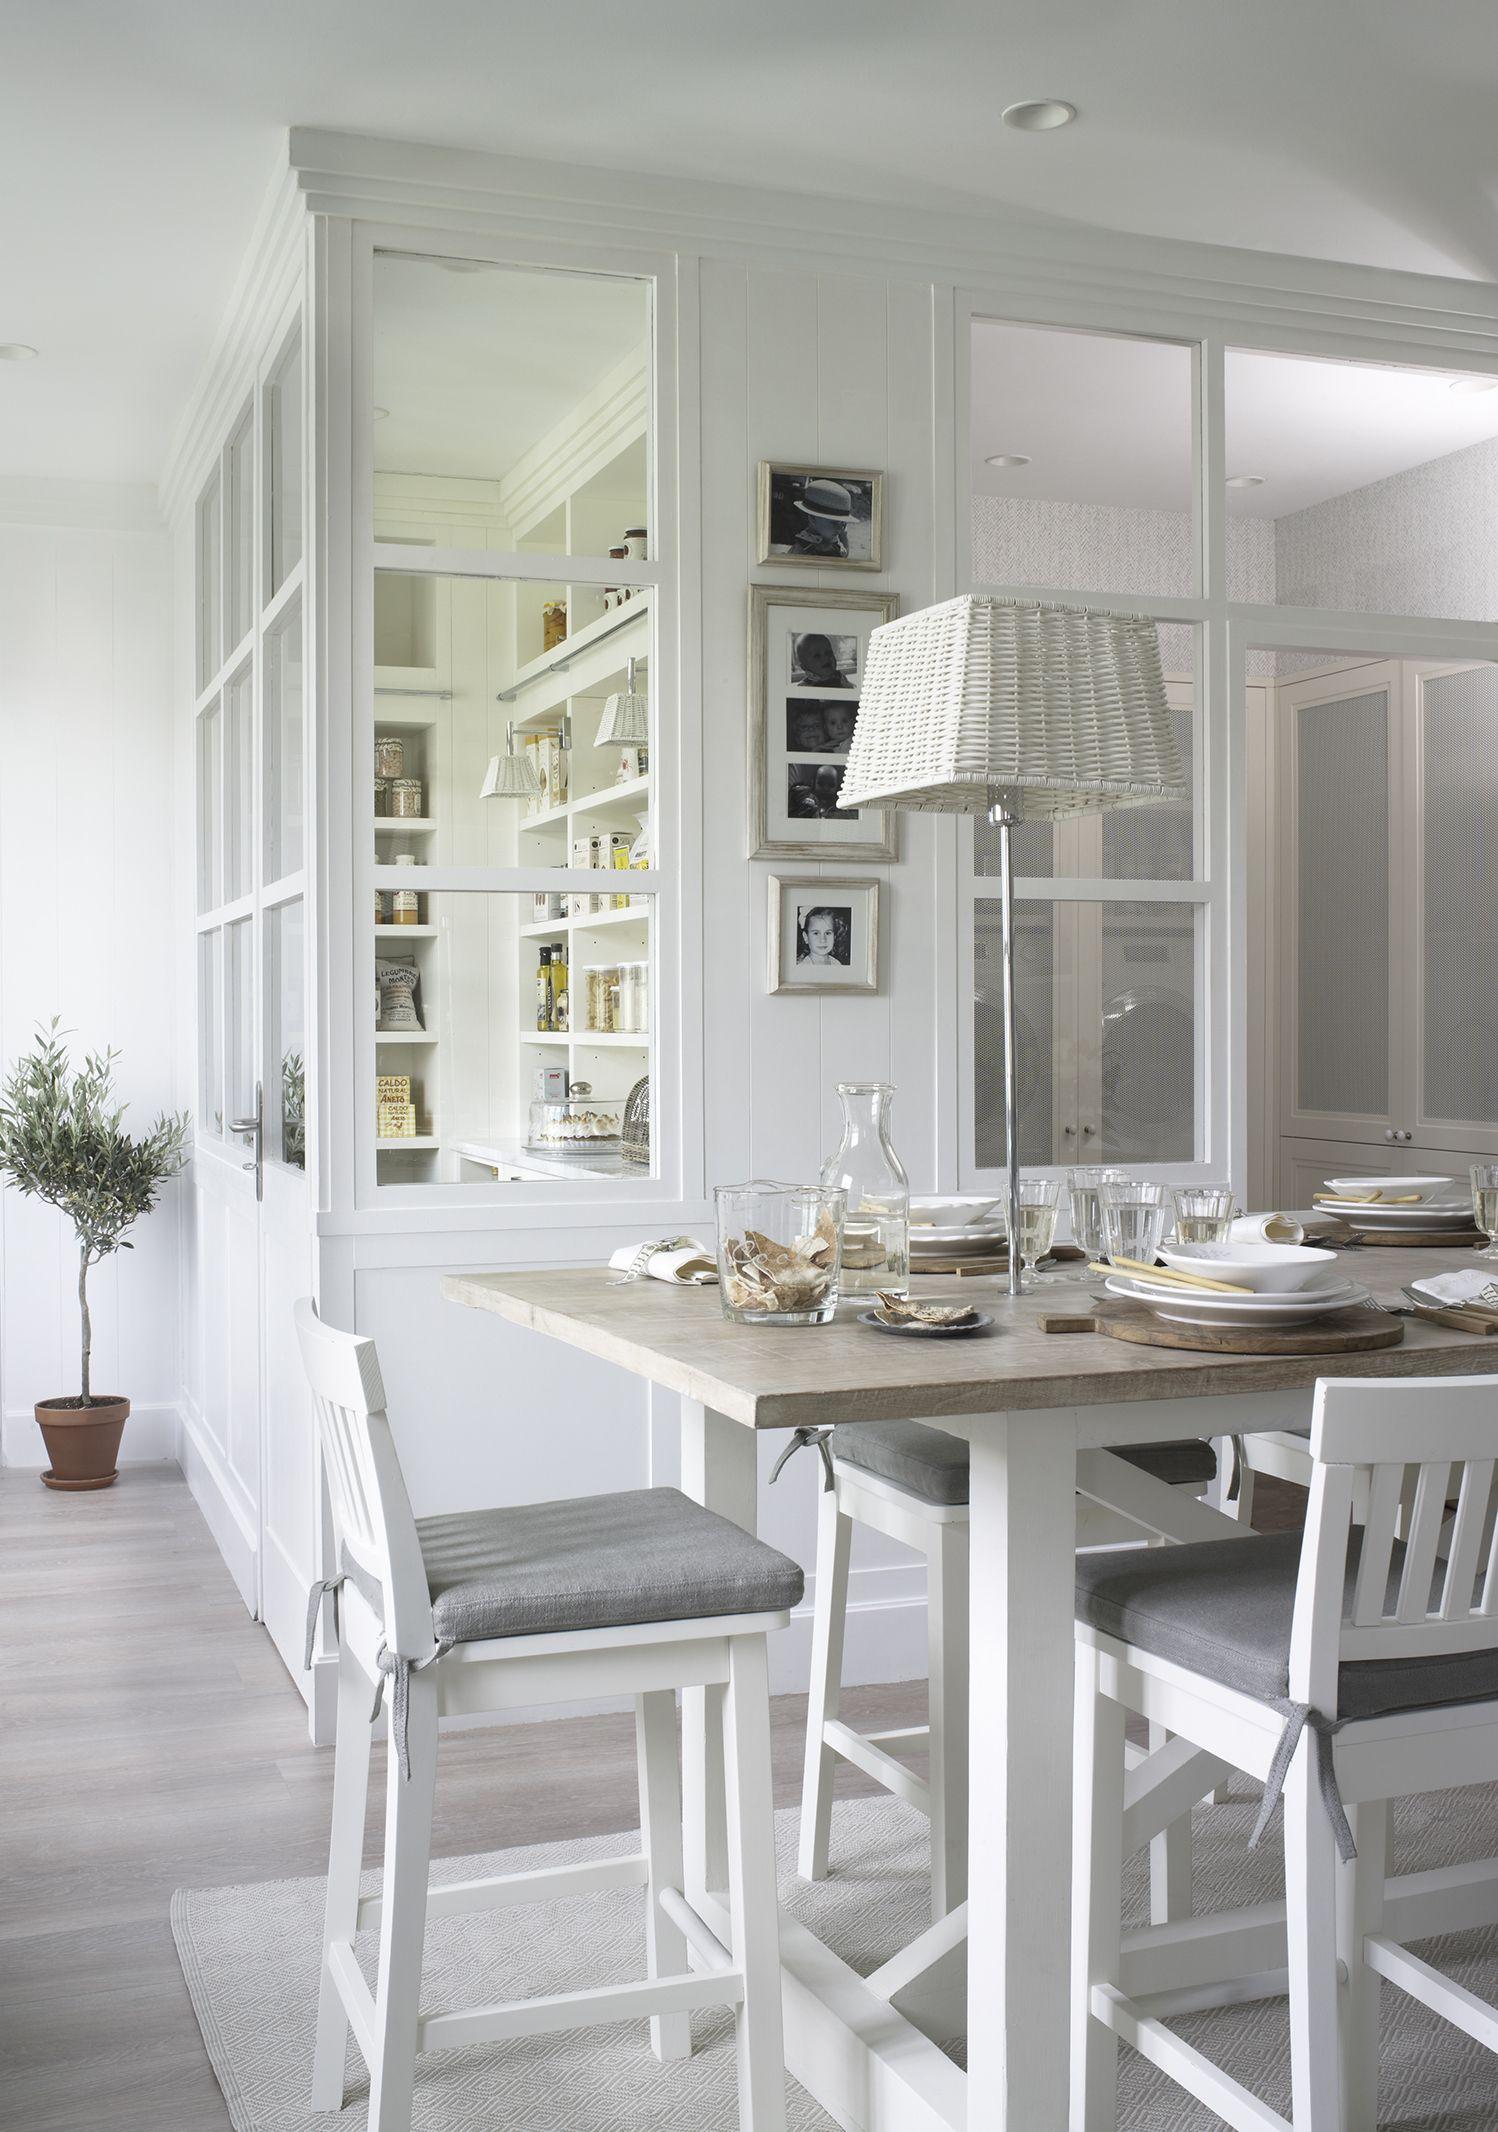 Almohadones y sillas blancas cocinaas pinterest for Sillas blancas comedor